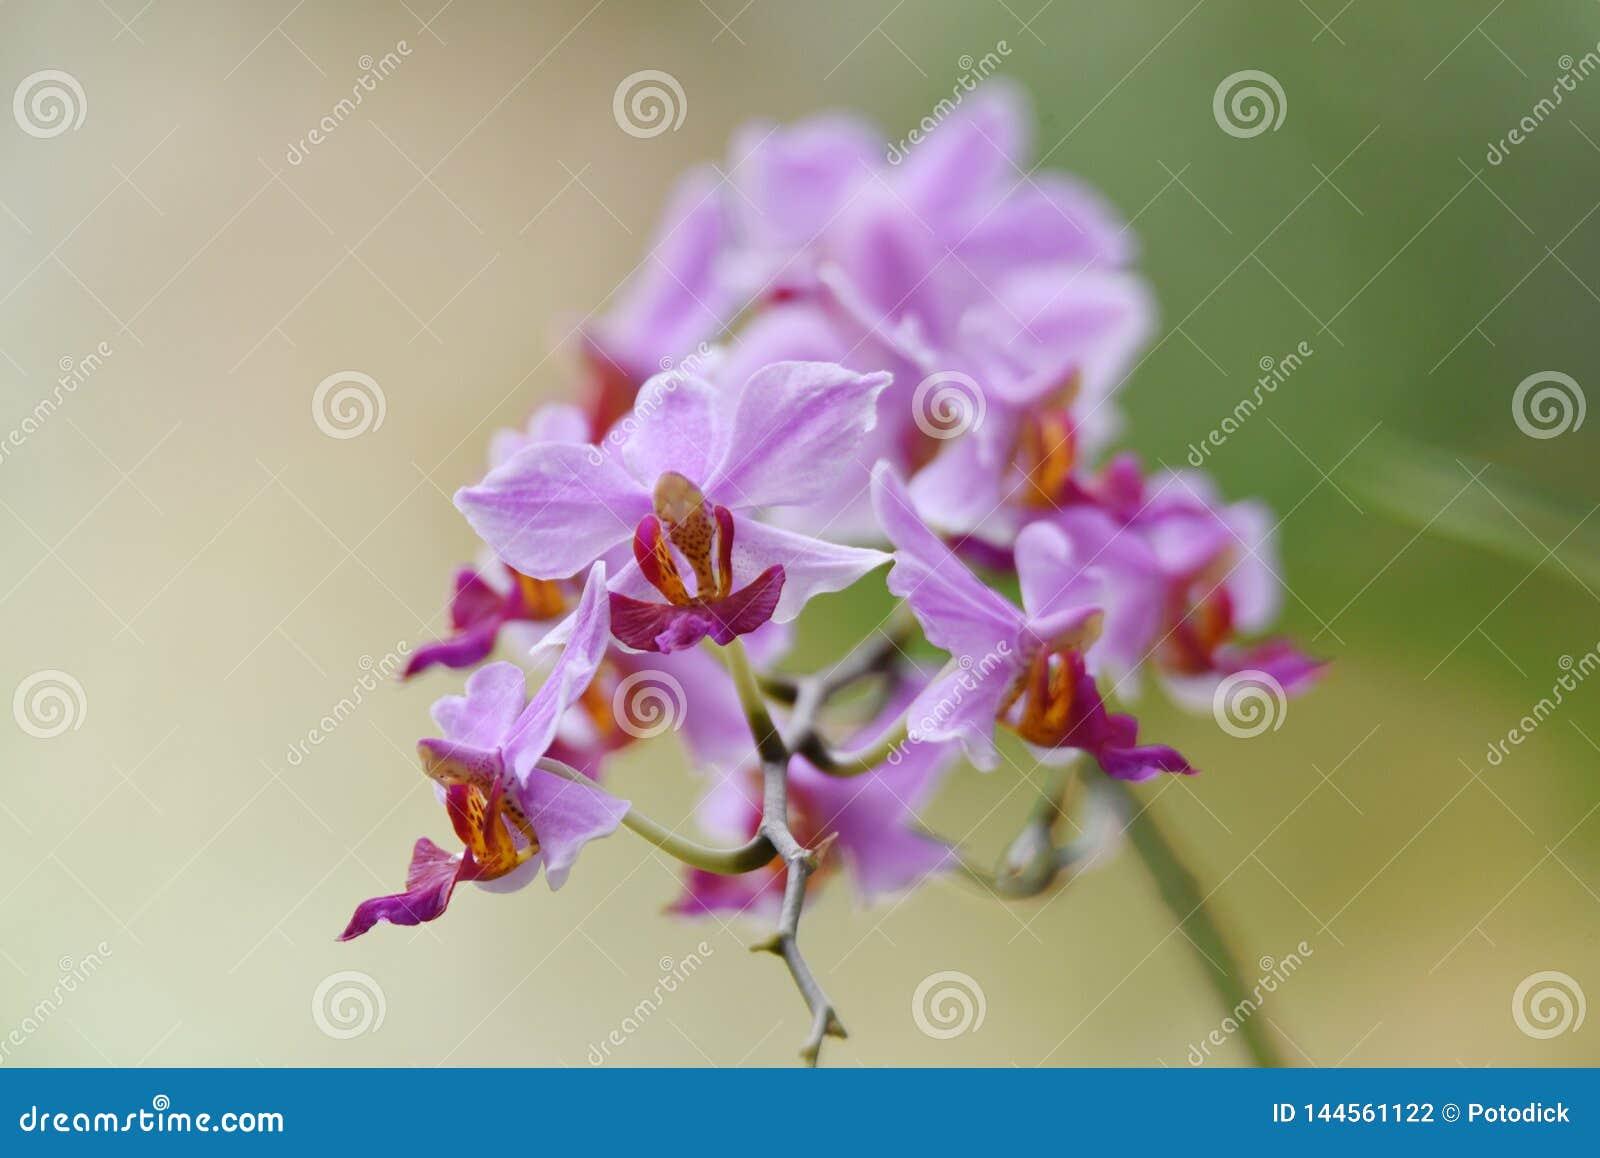 Flor roxa da orquídea com os pistilos de vermelho e de amarelo